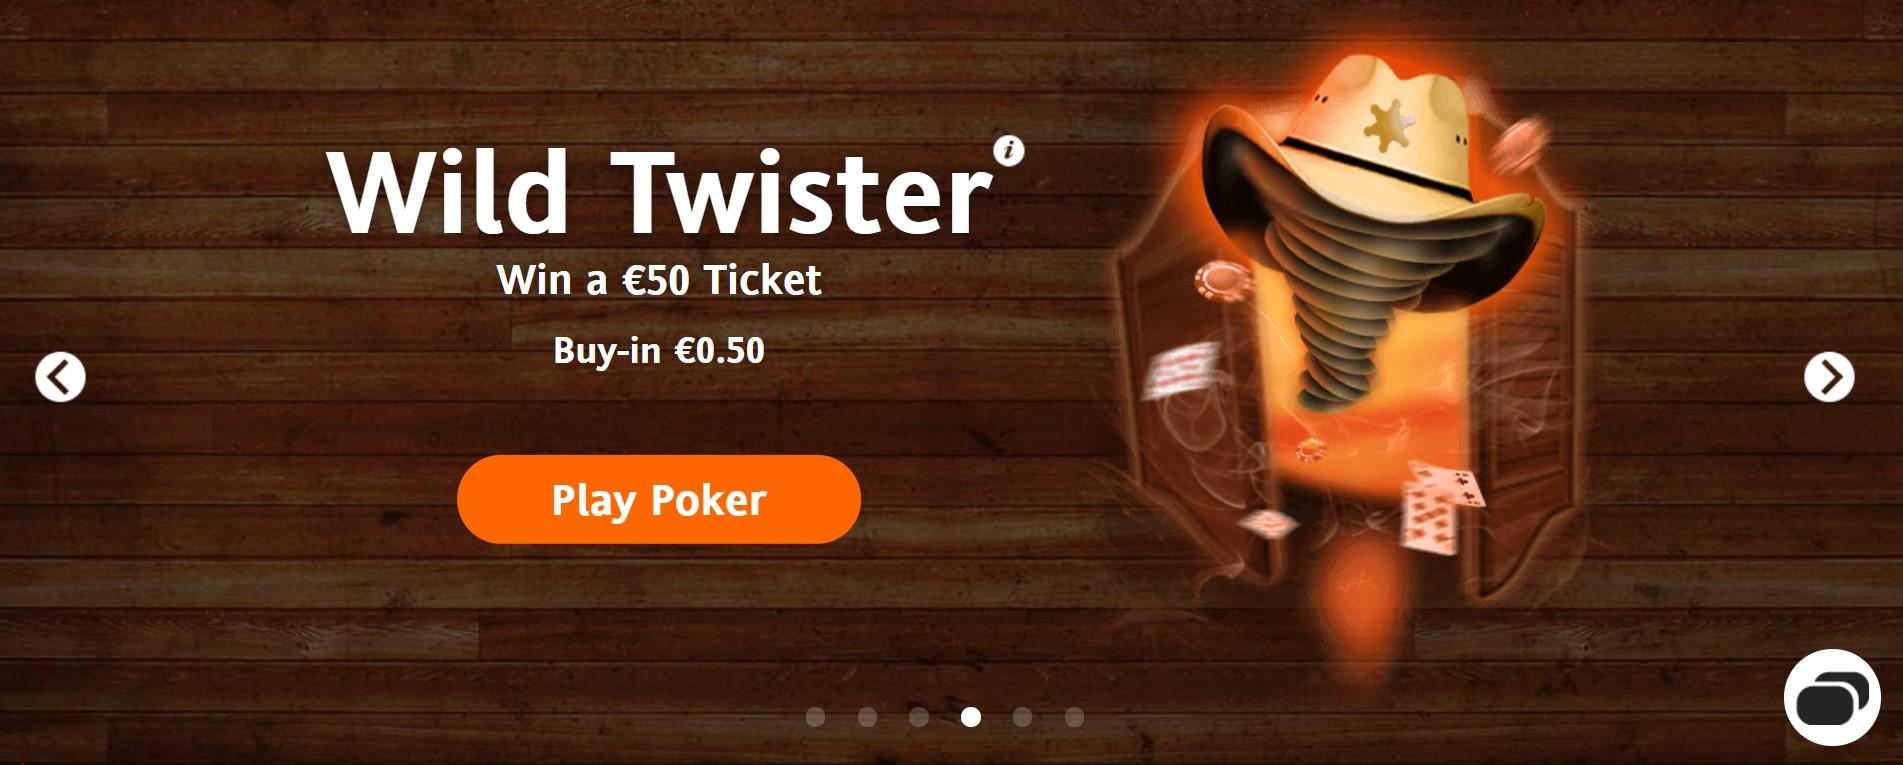 Wild Twister Betsson